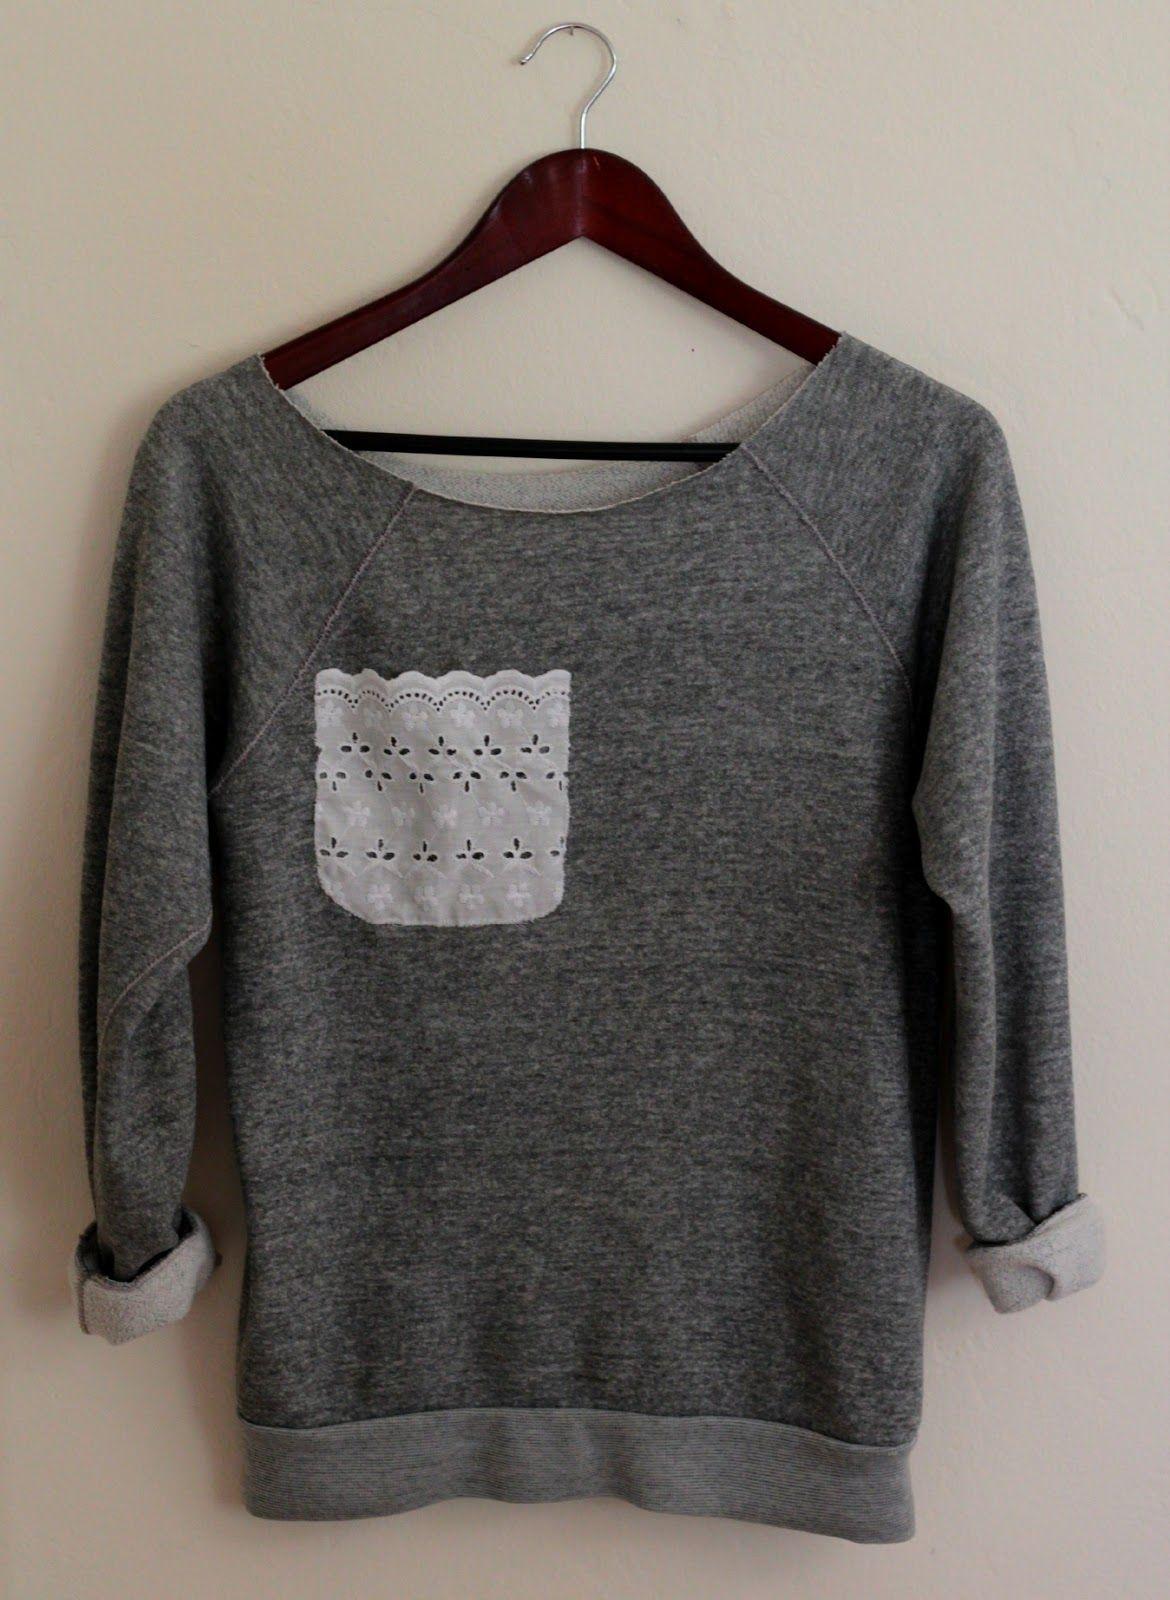 Oooh Liz Mester Mester Huereque Ziegenmeyer We Should Do This Sweatshirt Make Over Diy Sweatshirt Refashion Refashion Clothes Sweatshirt Refashion Remake [ 1600 x 1170 Pixel ]